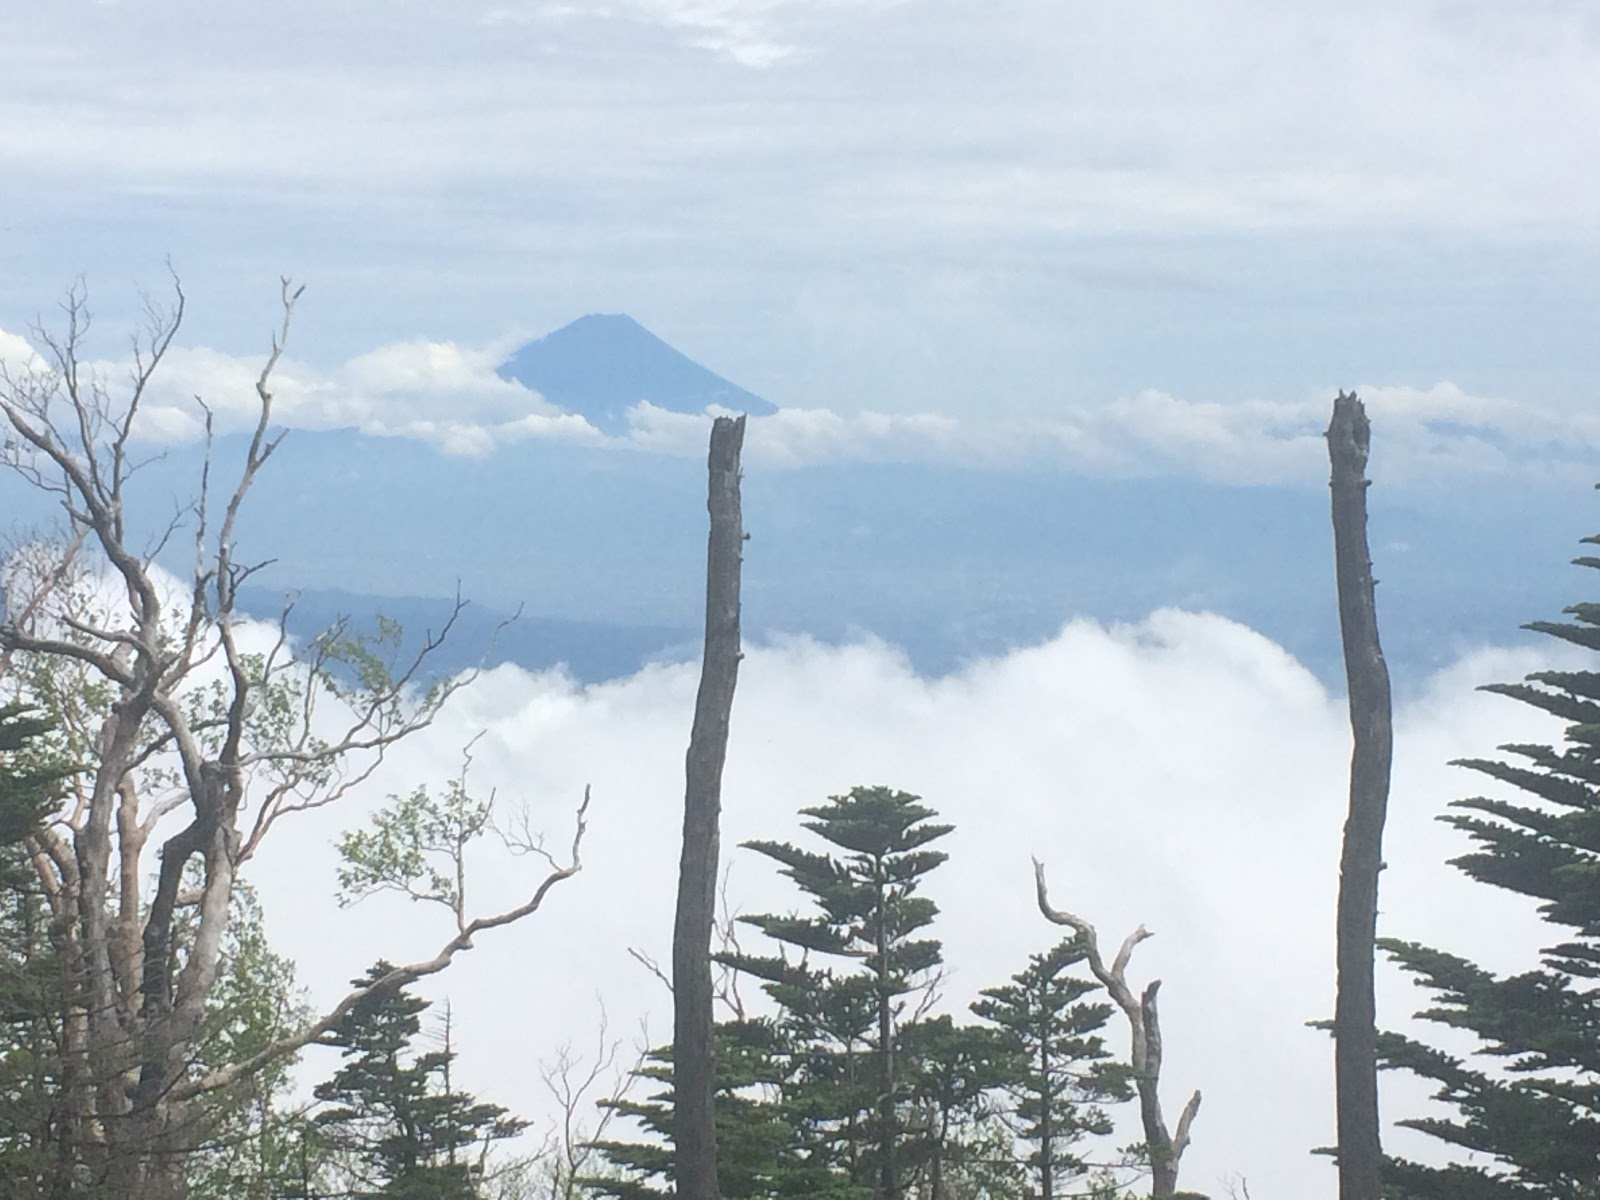 権現岳 富士山